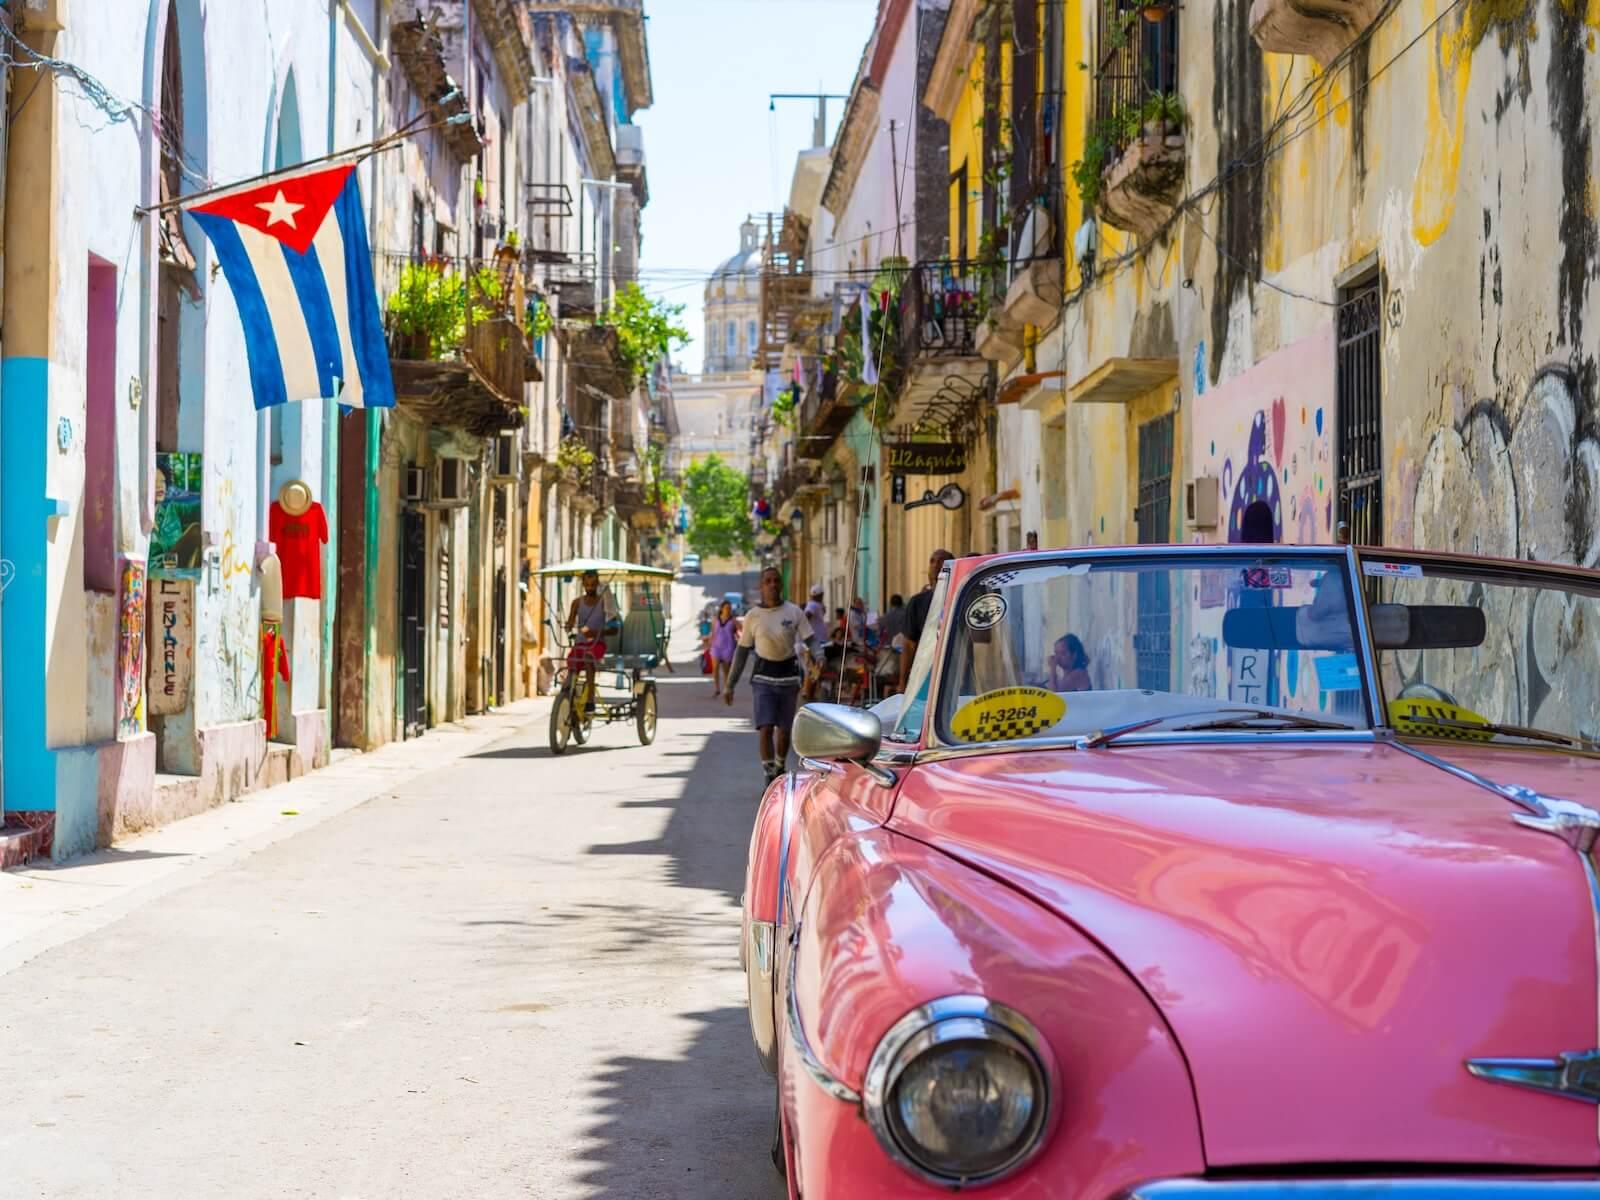 Oldtimers - Deze prachtig gekleurde auto's zijn niet te missen wanneer je in Cuba bent